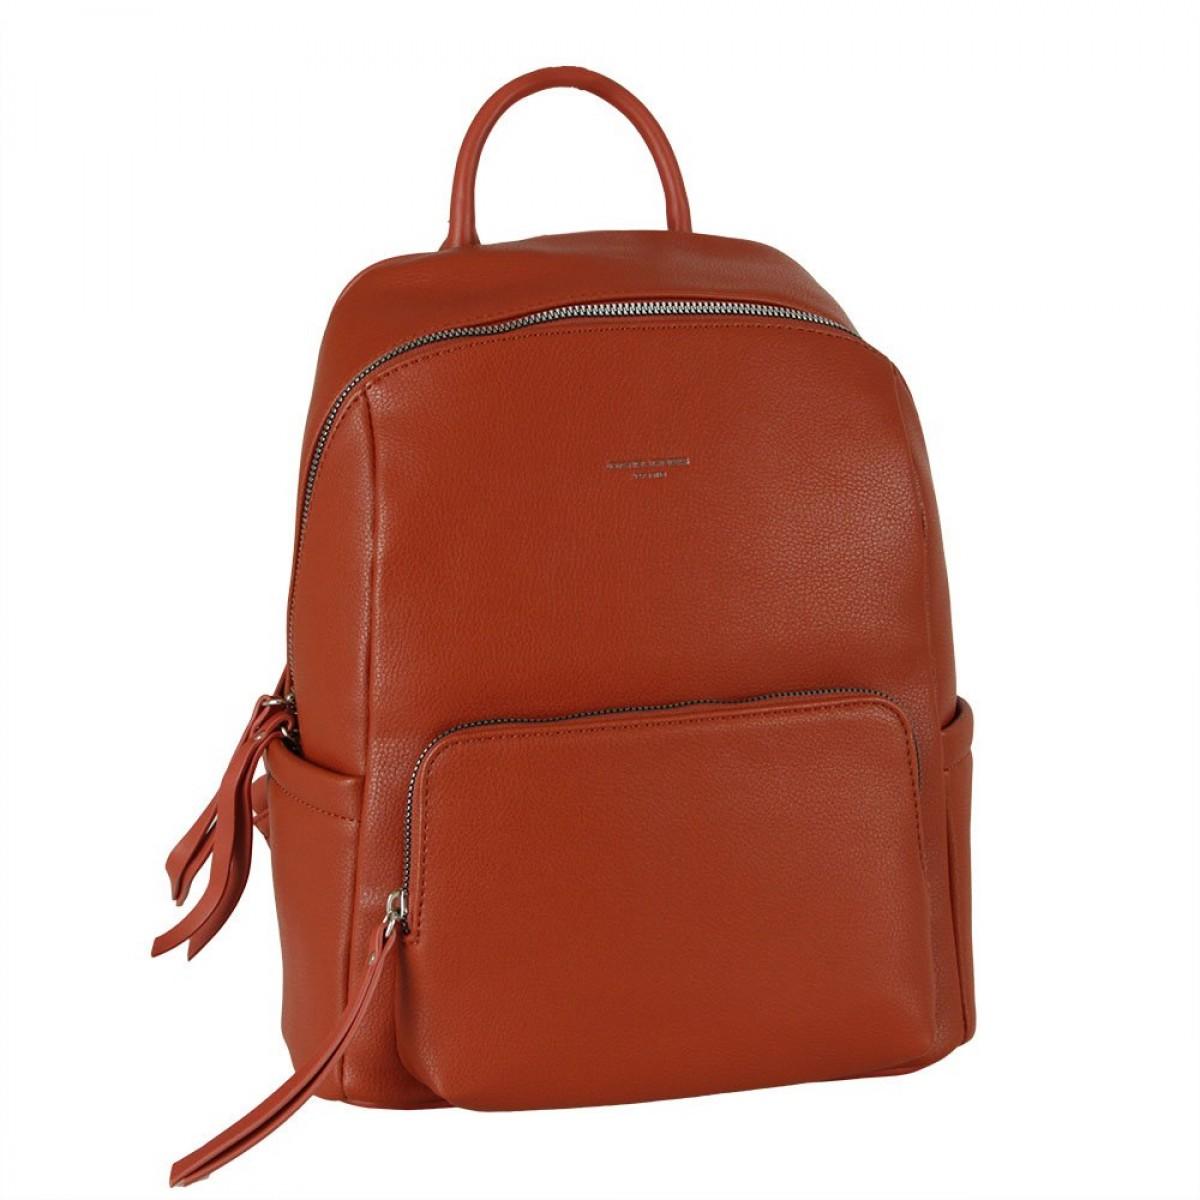 Жіночий рюкзак David Jones CM5845 SIENNA